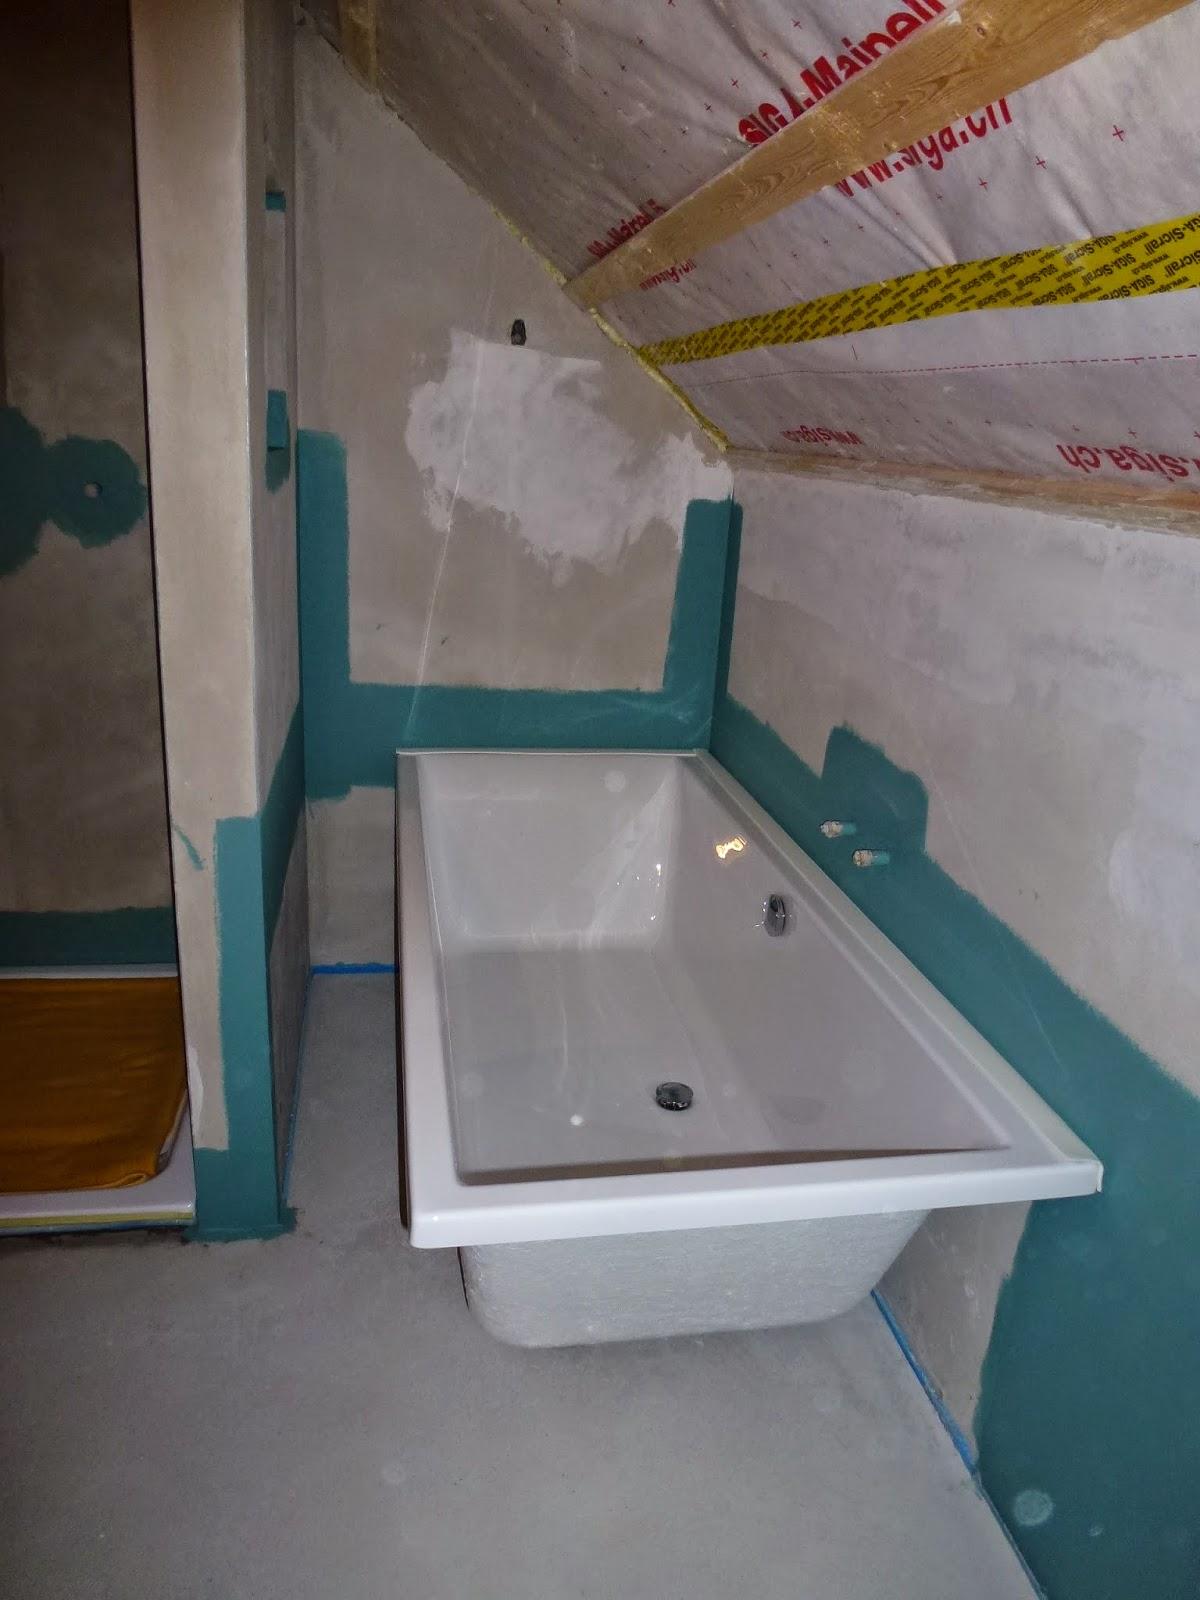 Unser luftschloss sp lkasten und badewanne - Dichtanstrich badezimmer ...